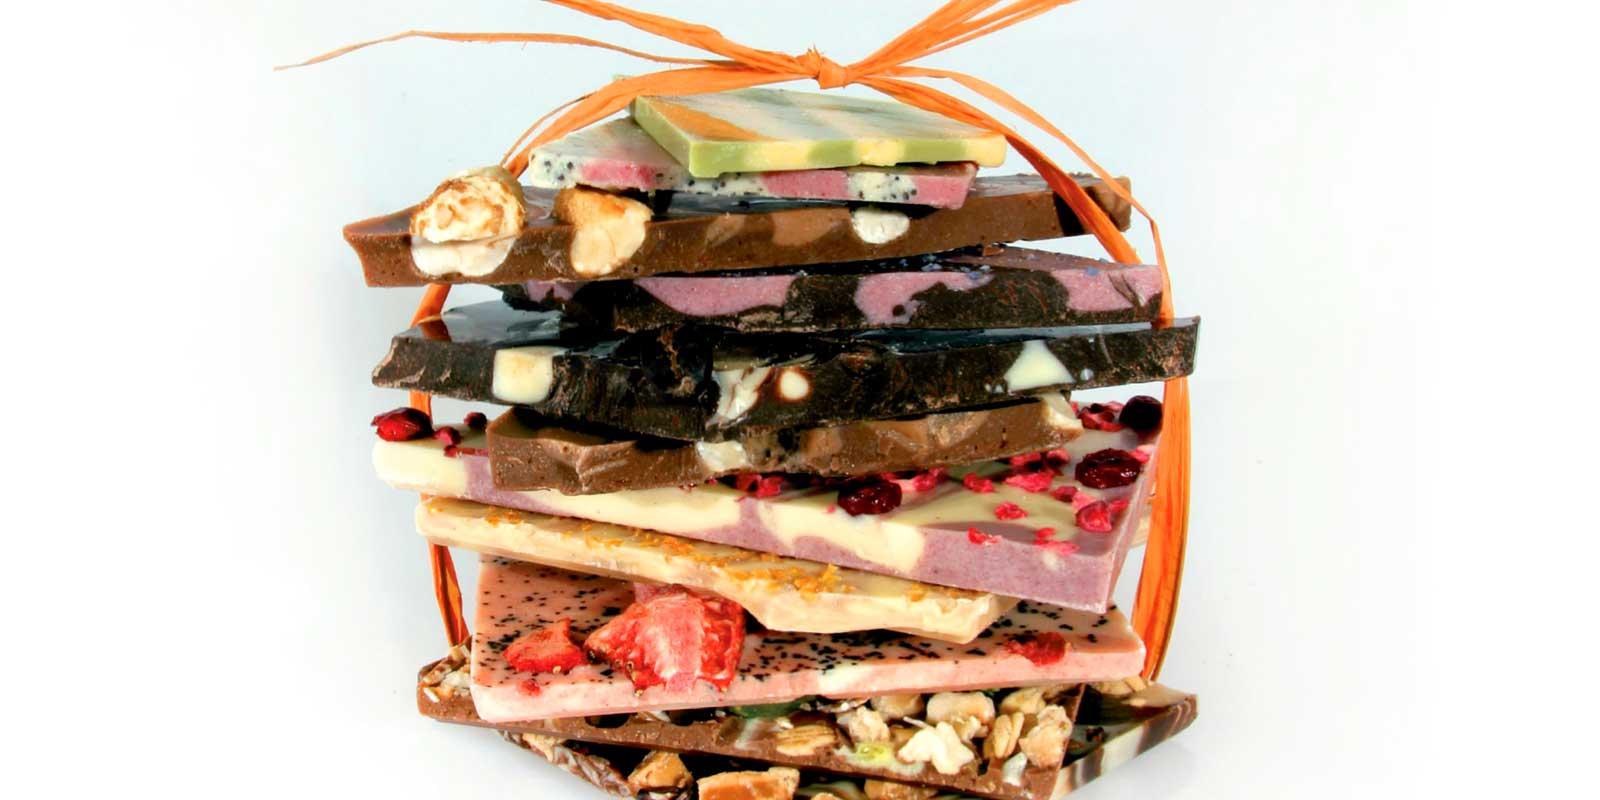 Coppeneur Cuvee Schokoladen Cuvee Chocoladen werden aus einer Assemblage von Cacaobohnen verschiedener Regionen oder Plantagen hergestellt, verfeinert mit ausgewählten Zutaten die der Chocolade eine fruchtige oder würzige Note geben.